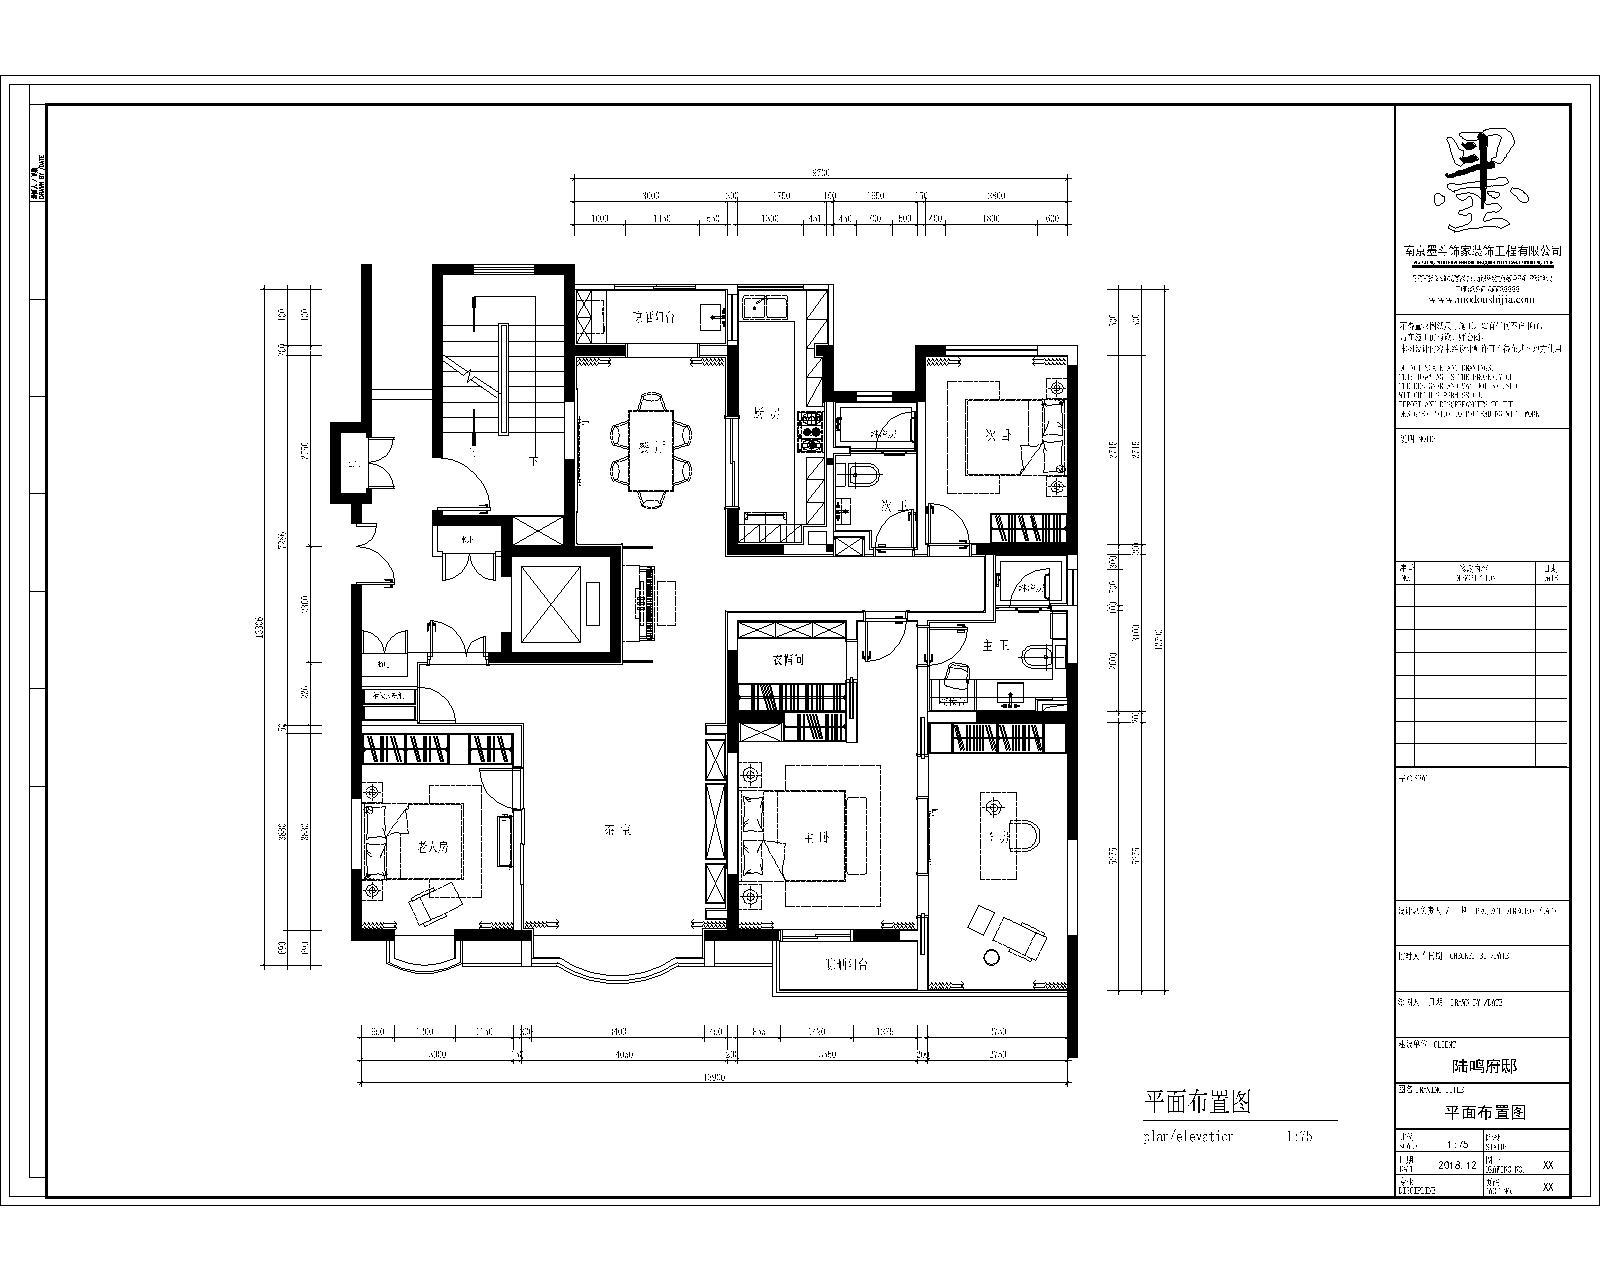 155平米的房子怎么装修合适,朋友全包花了37万,大家都